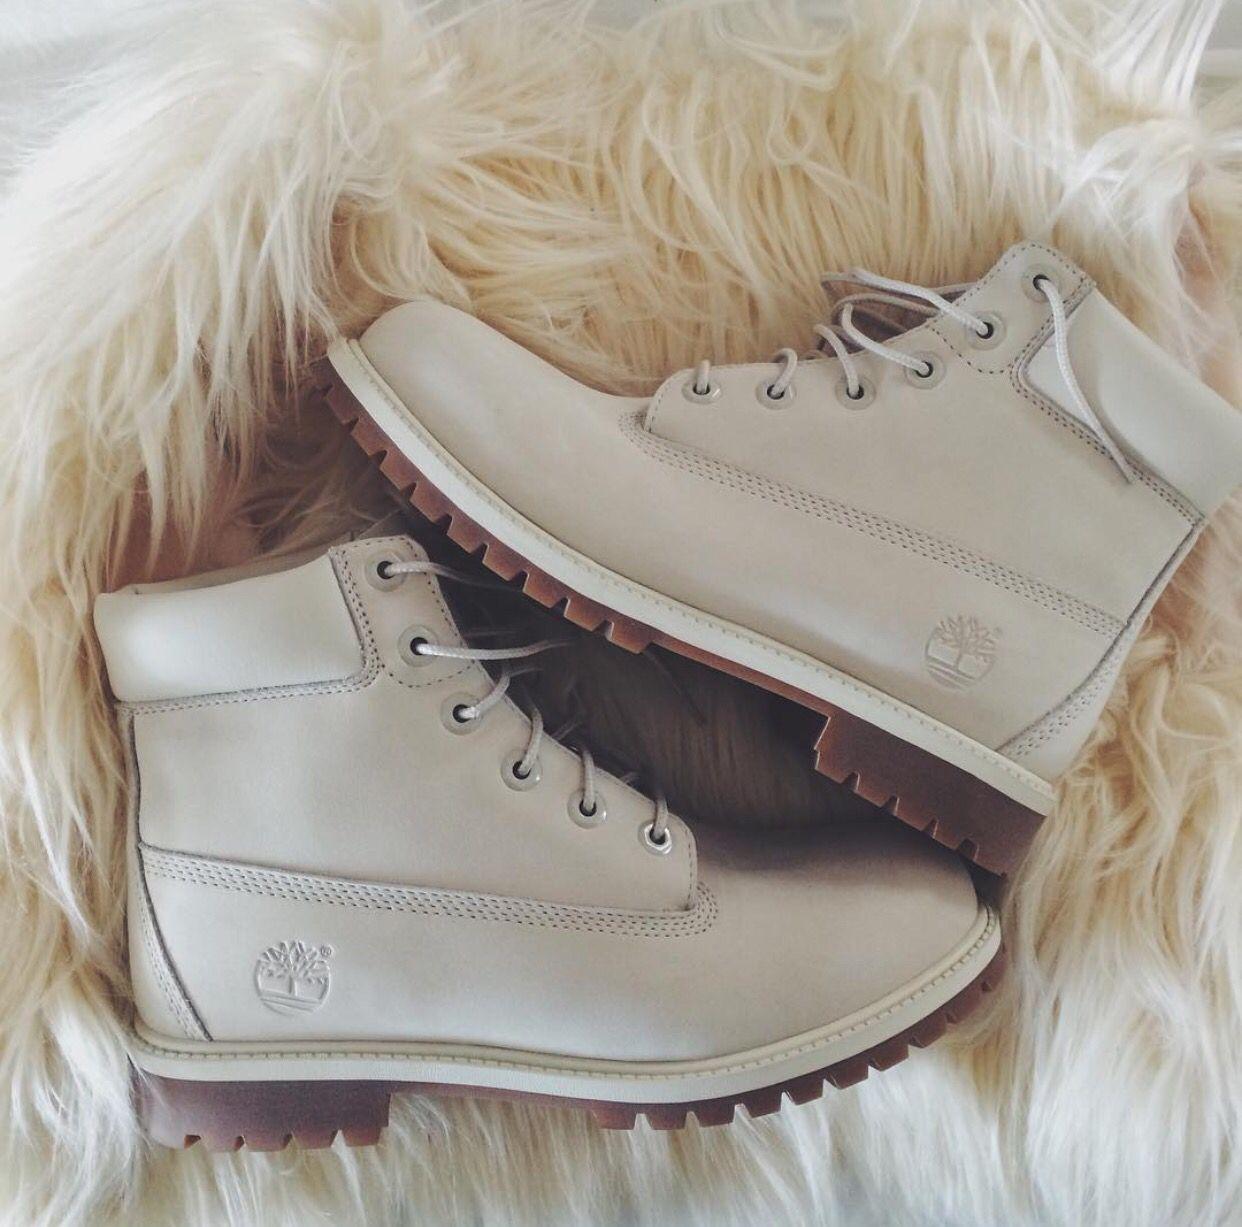 empieza la acción por otra parte, Susurro  Wheretoget | Boots, Timberland boots, Shoes